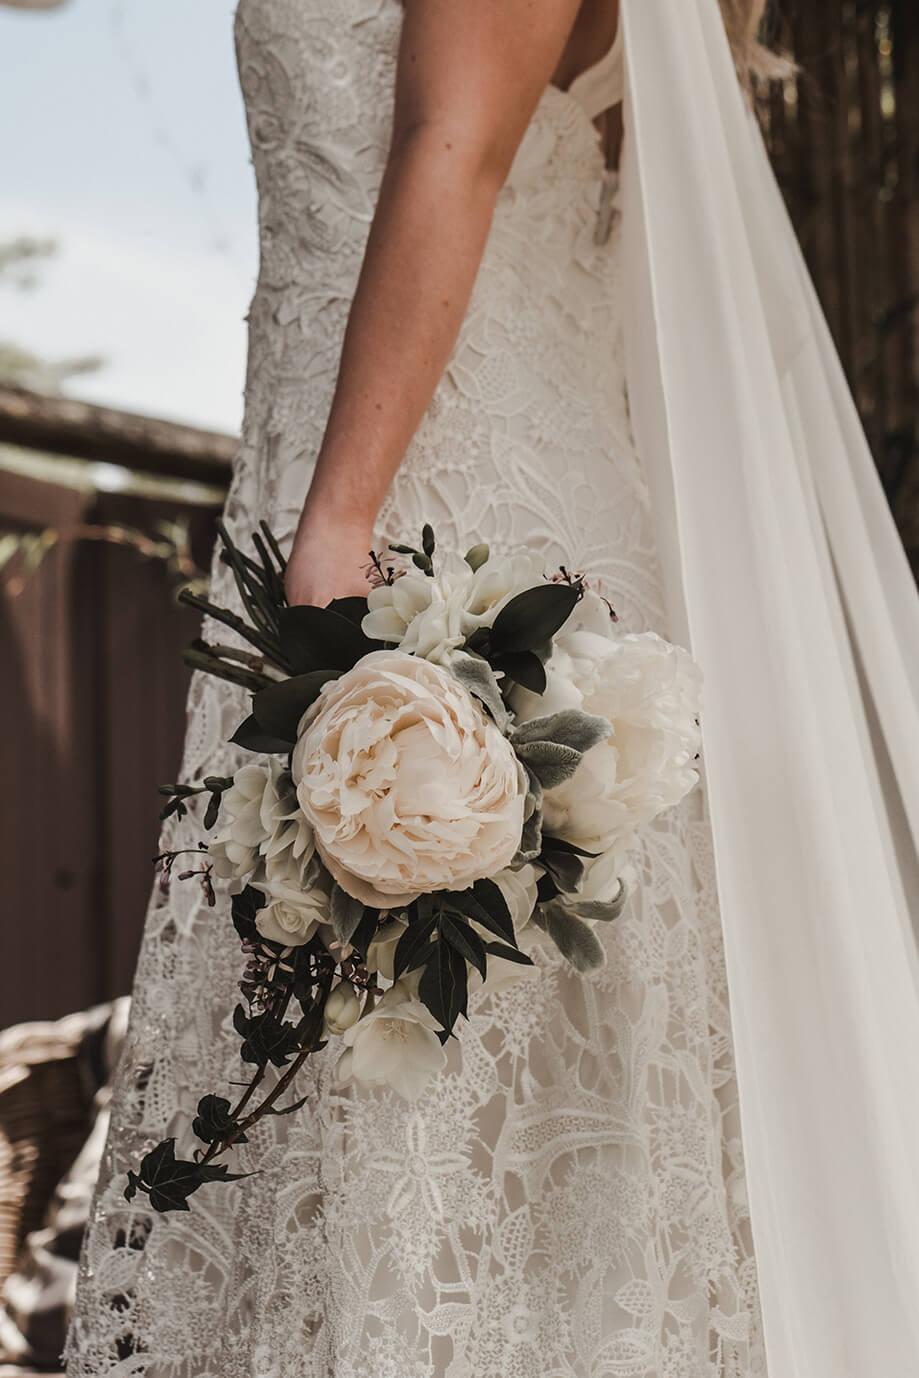 elizabeth may bridal 230 - Bridal Session 235.jpg.jpg